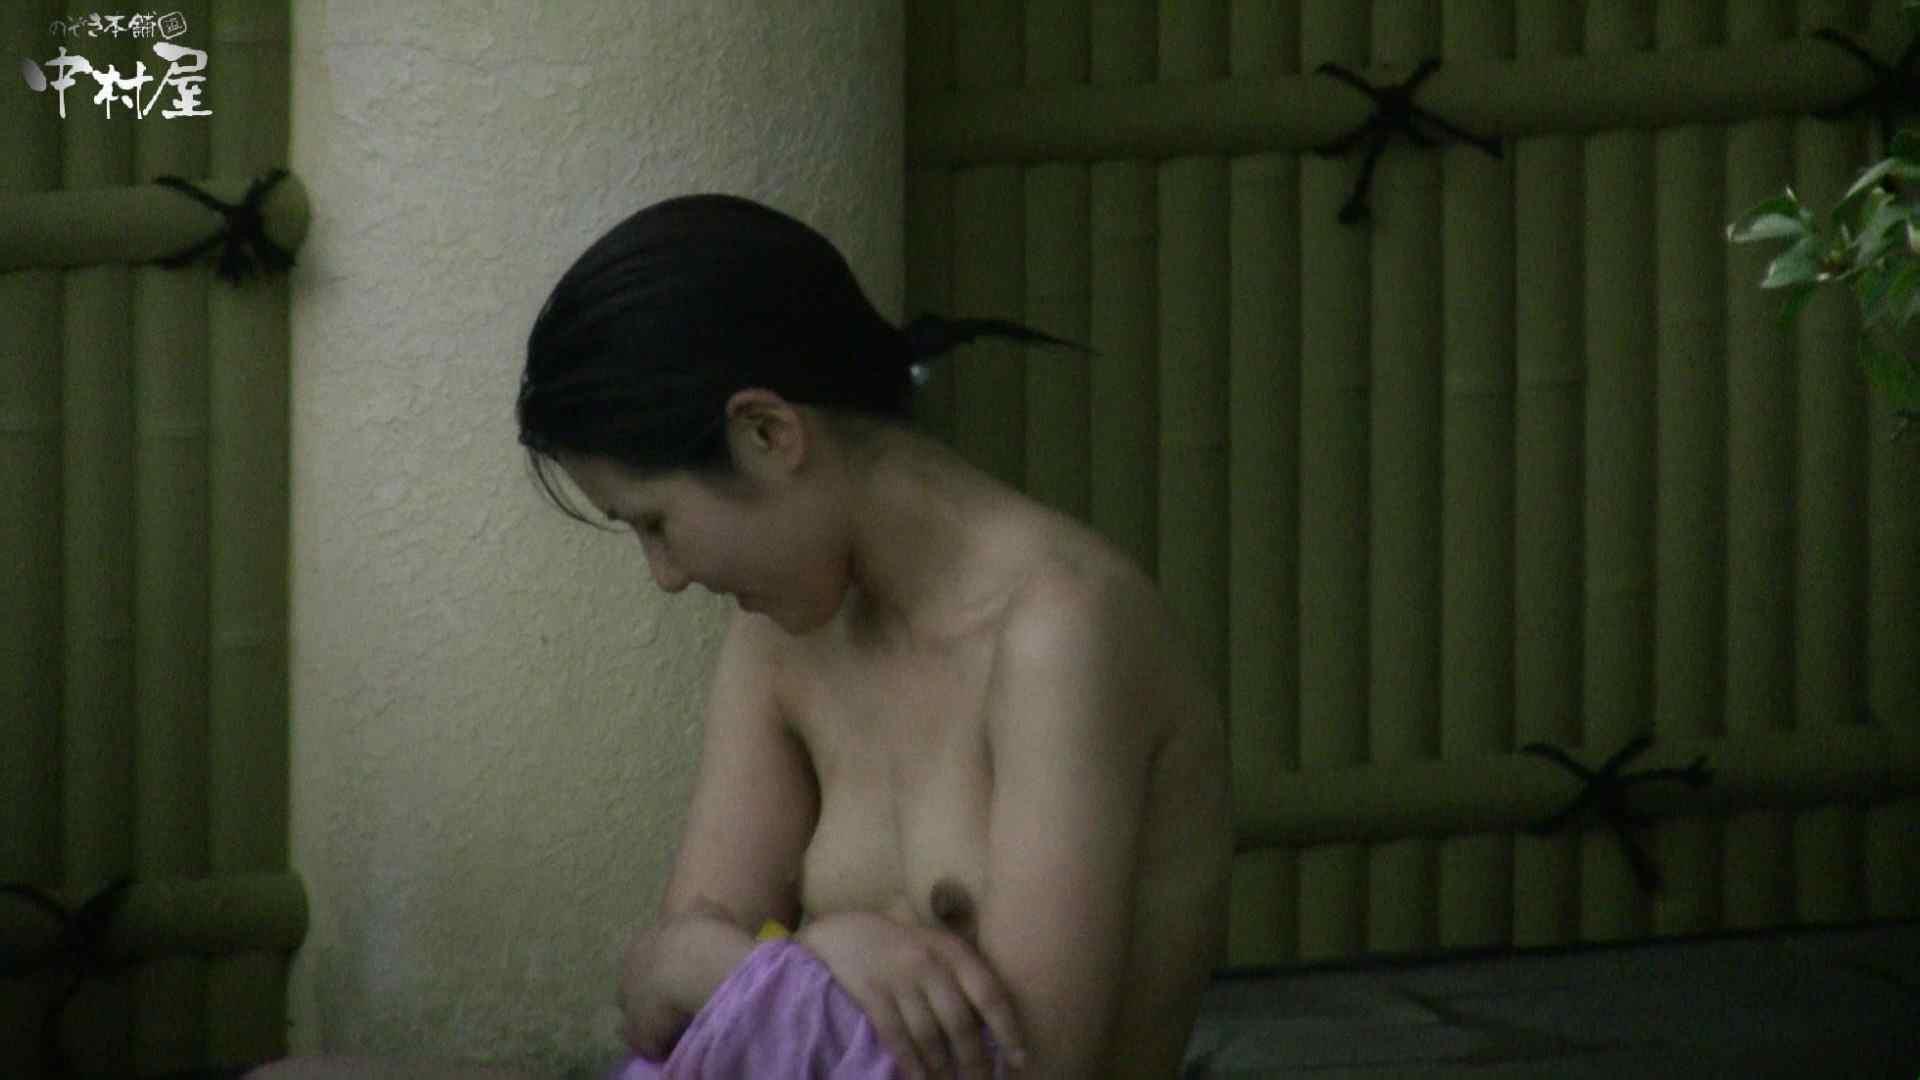 Aquaな露天風呂Vol.983 盗撮  58PICs 3